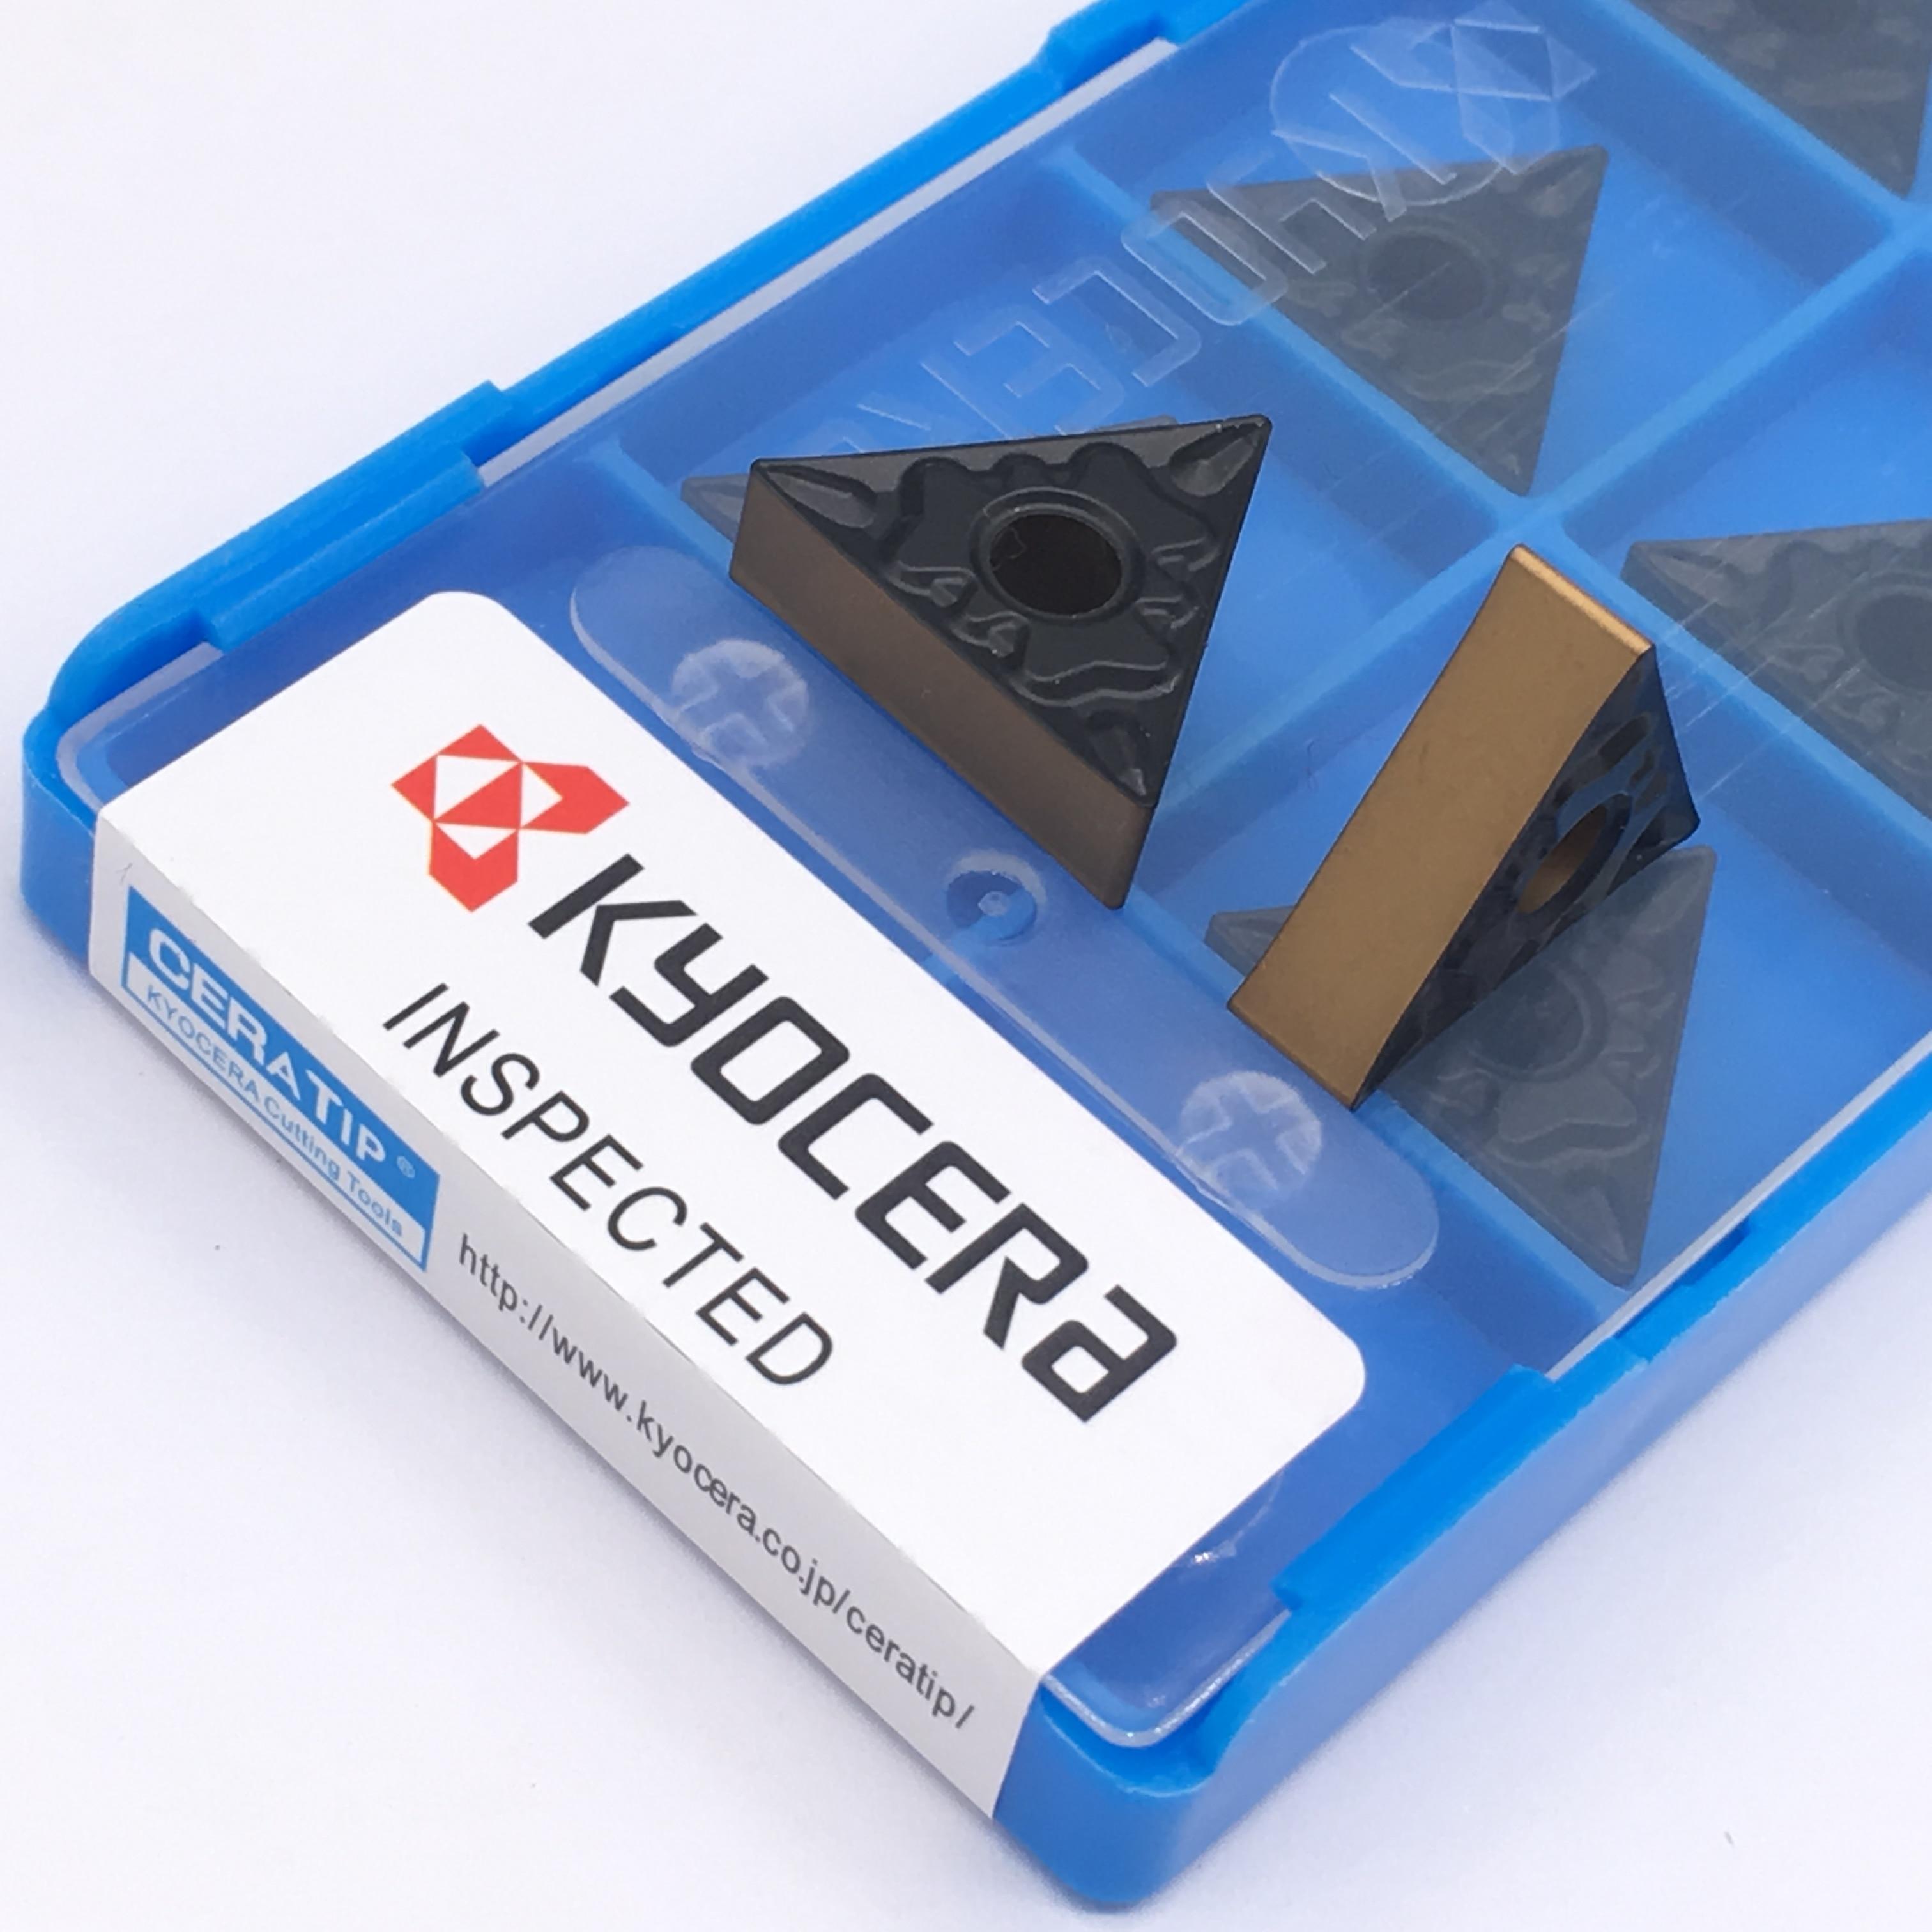 10pcs TNMG160404 TNMG160408 HQ CA4225  High Quality Turning Tool Carbide Inserts CNC Lathe Cutting Tool